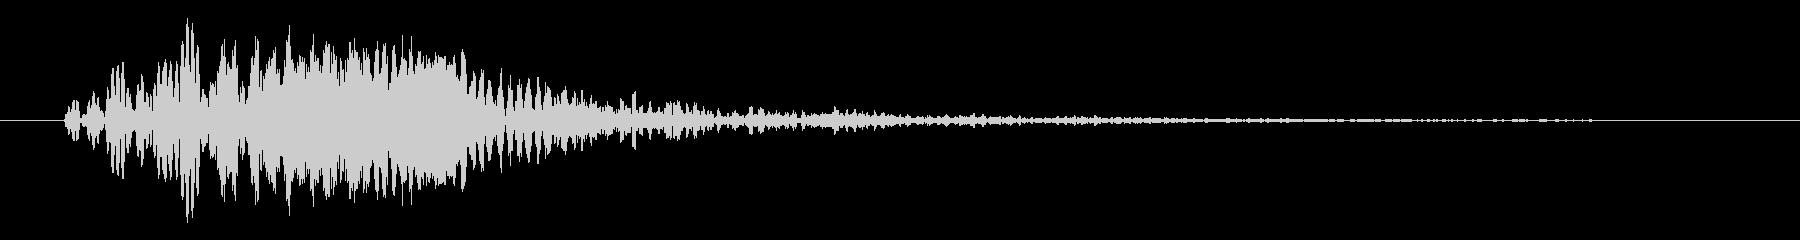 プオン(シンプルで軽快な決定音)の未再生の波形